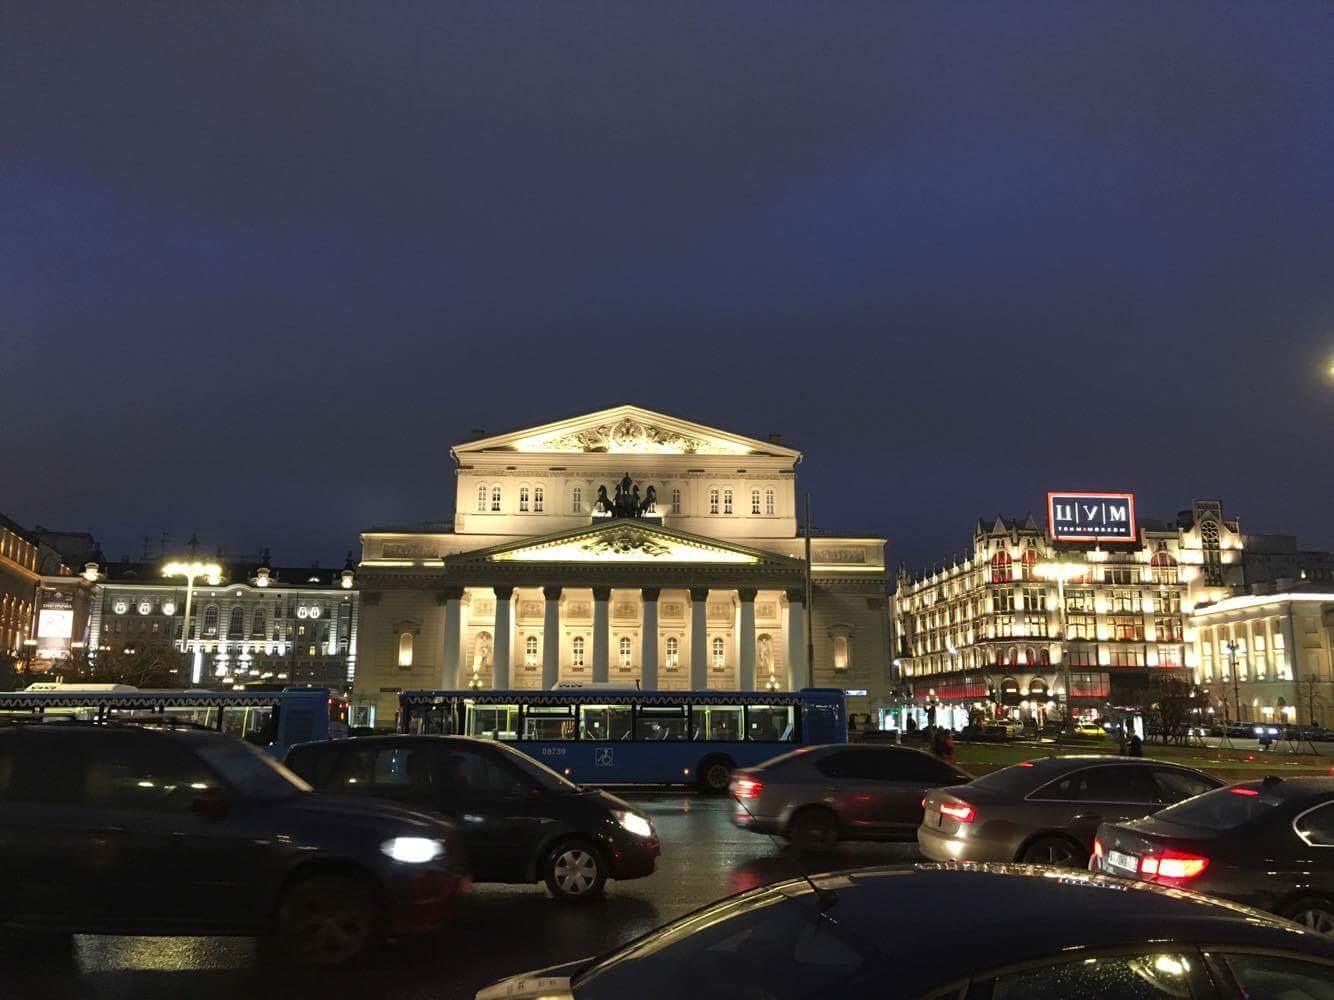 Boljšolj teatar je izgradio arhitekta Osip Bove, a u njemu se održavaju predsave baleta i opere